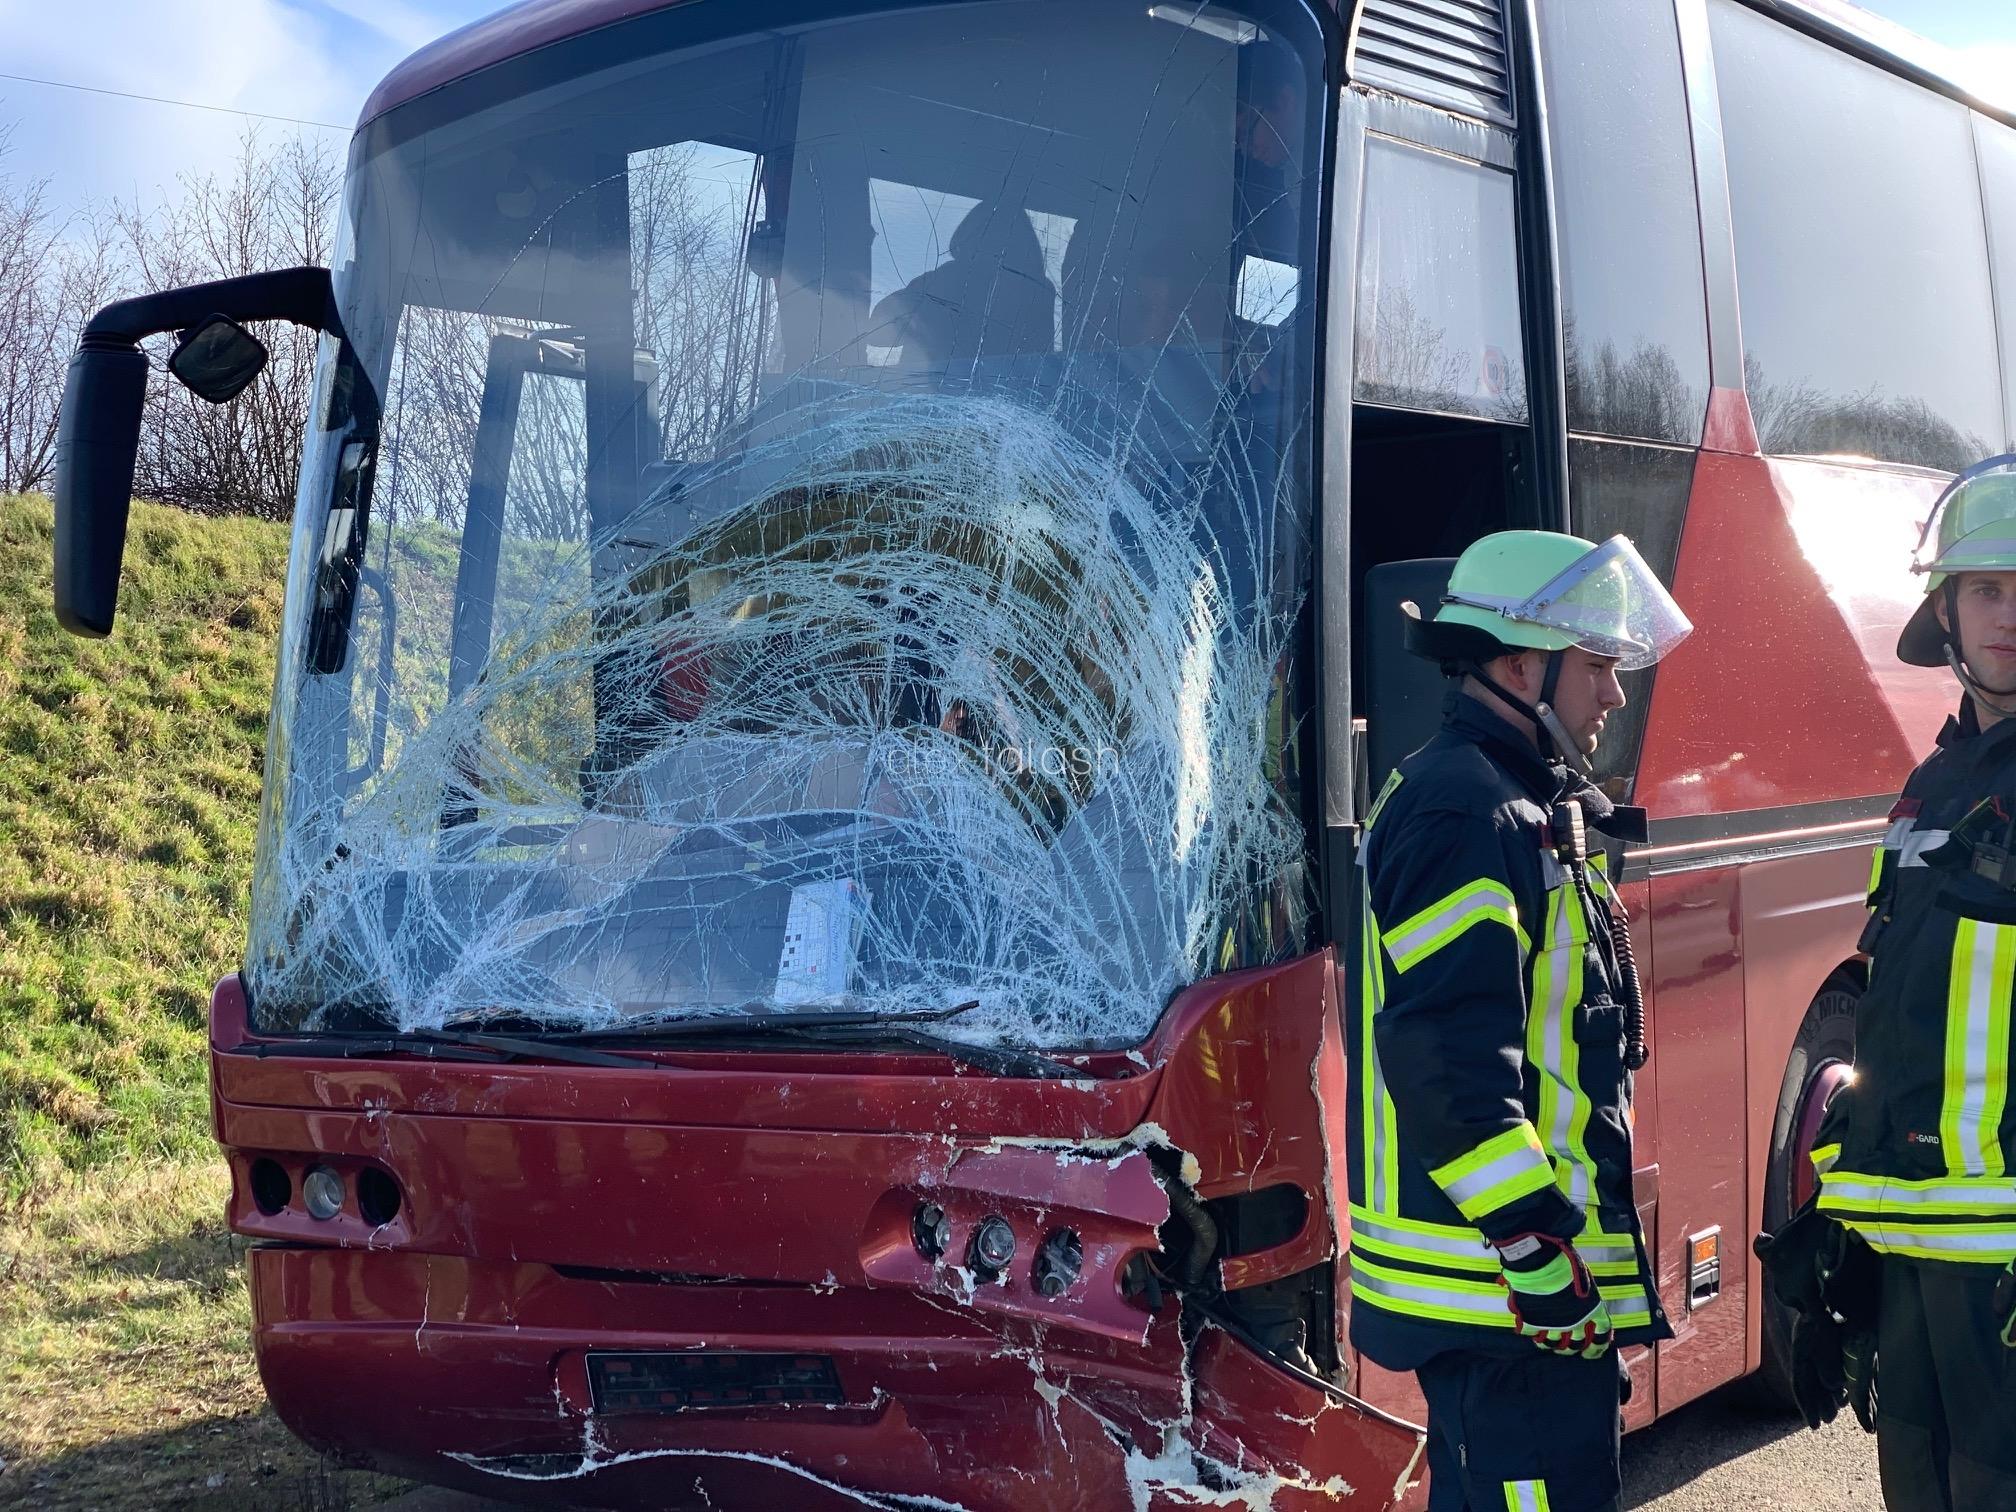 Reisebus kracht in Stauende – Polizei ermittelt gegen Fahrer